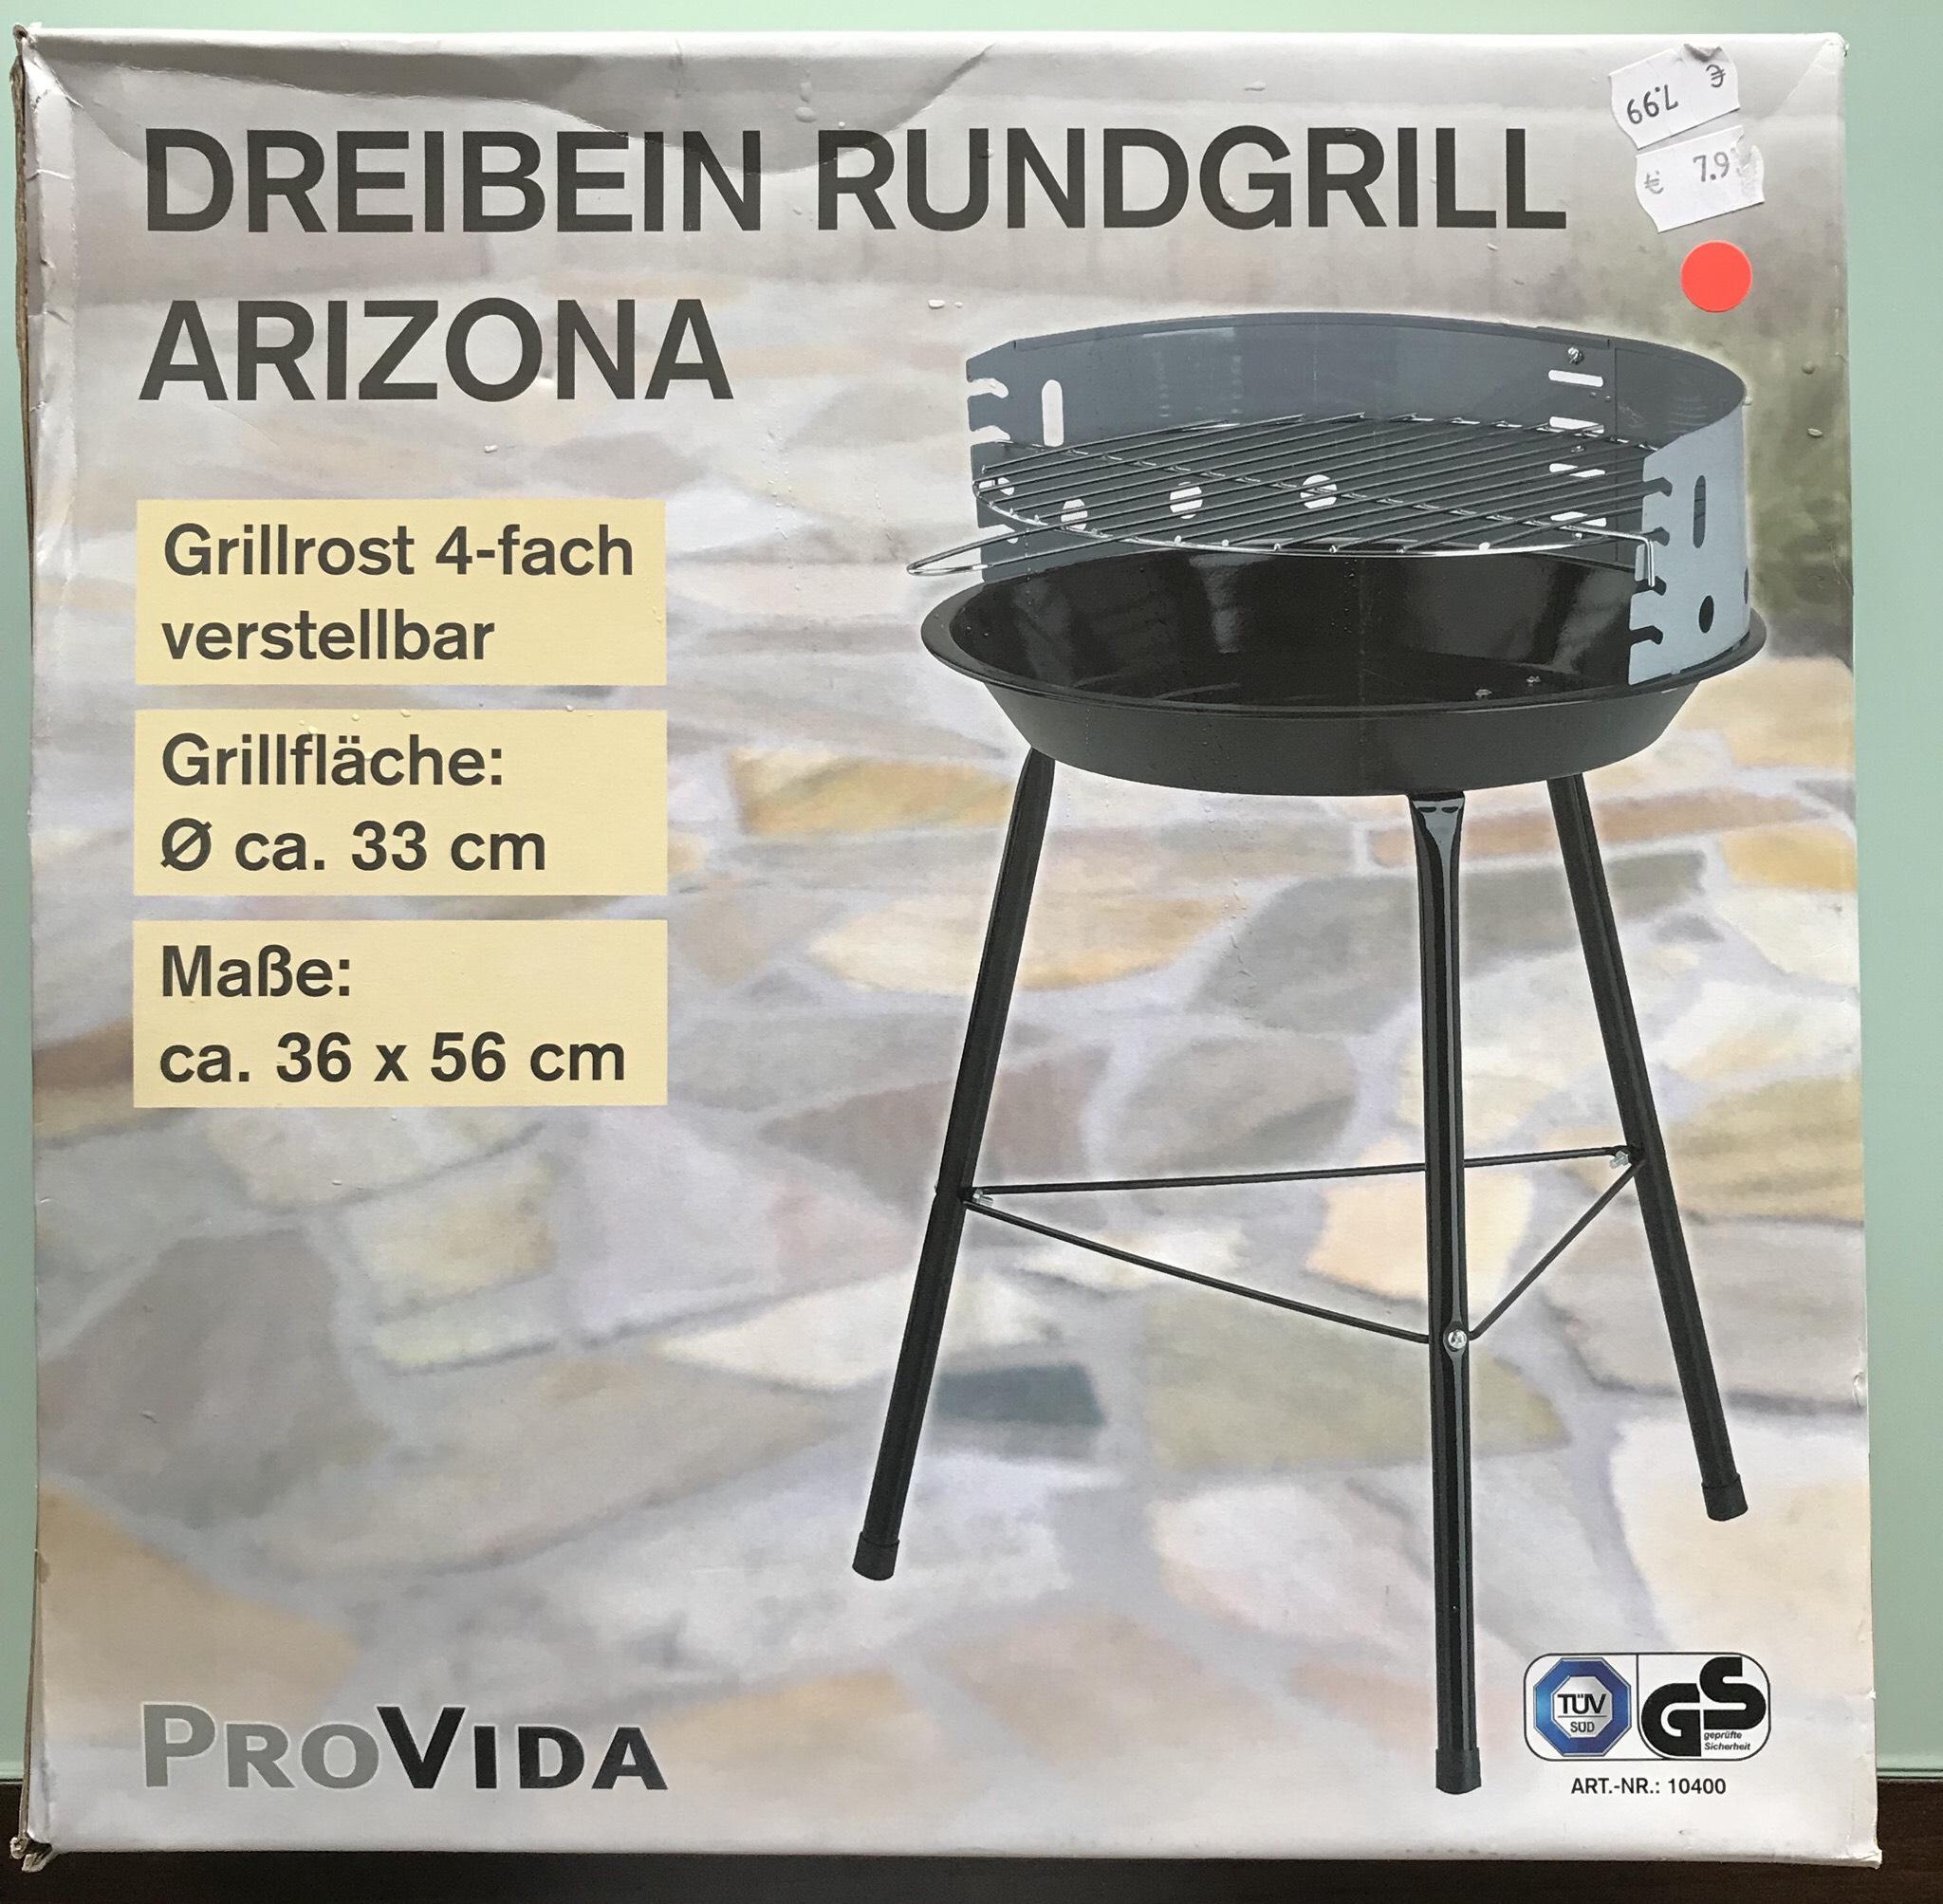 Kodi lokal Duisburg - Einfacher 33cm Grill für 3,99€